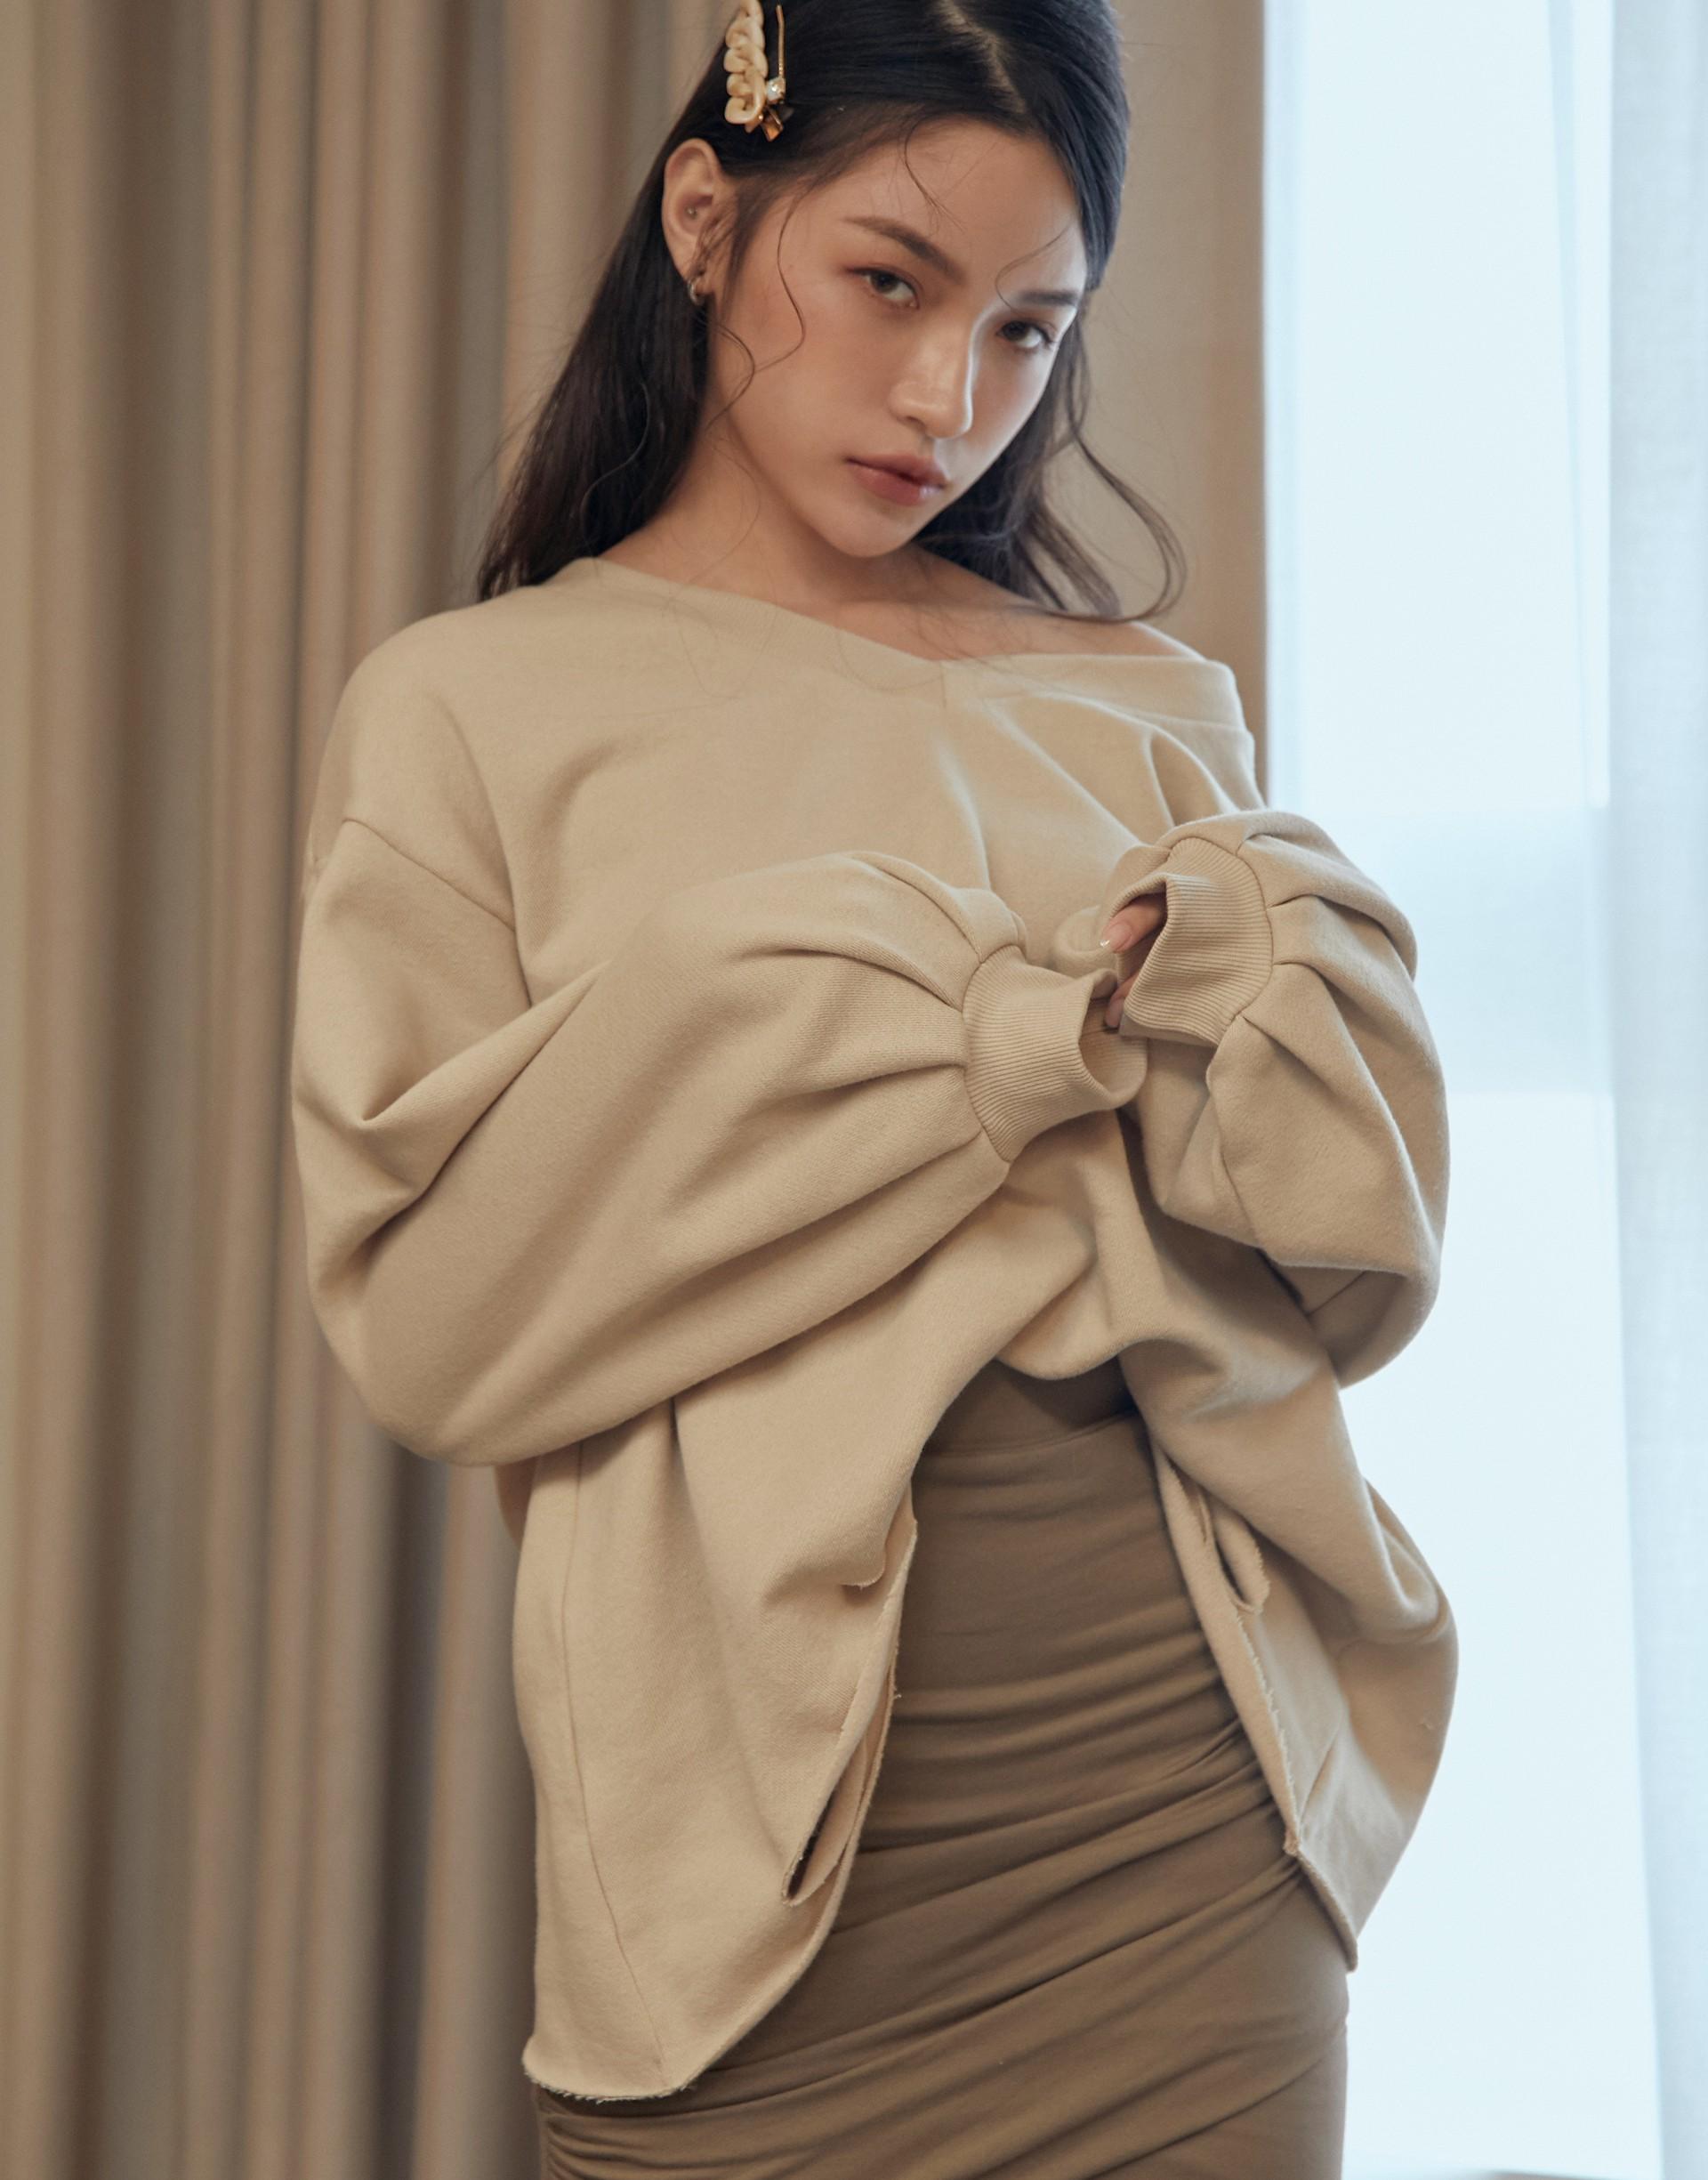 台灣製造/PAZZO自訂開發布料/內磨毛面料/領口可拉成一字領/下擺破損設計